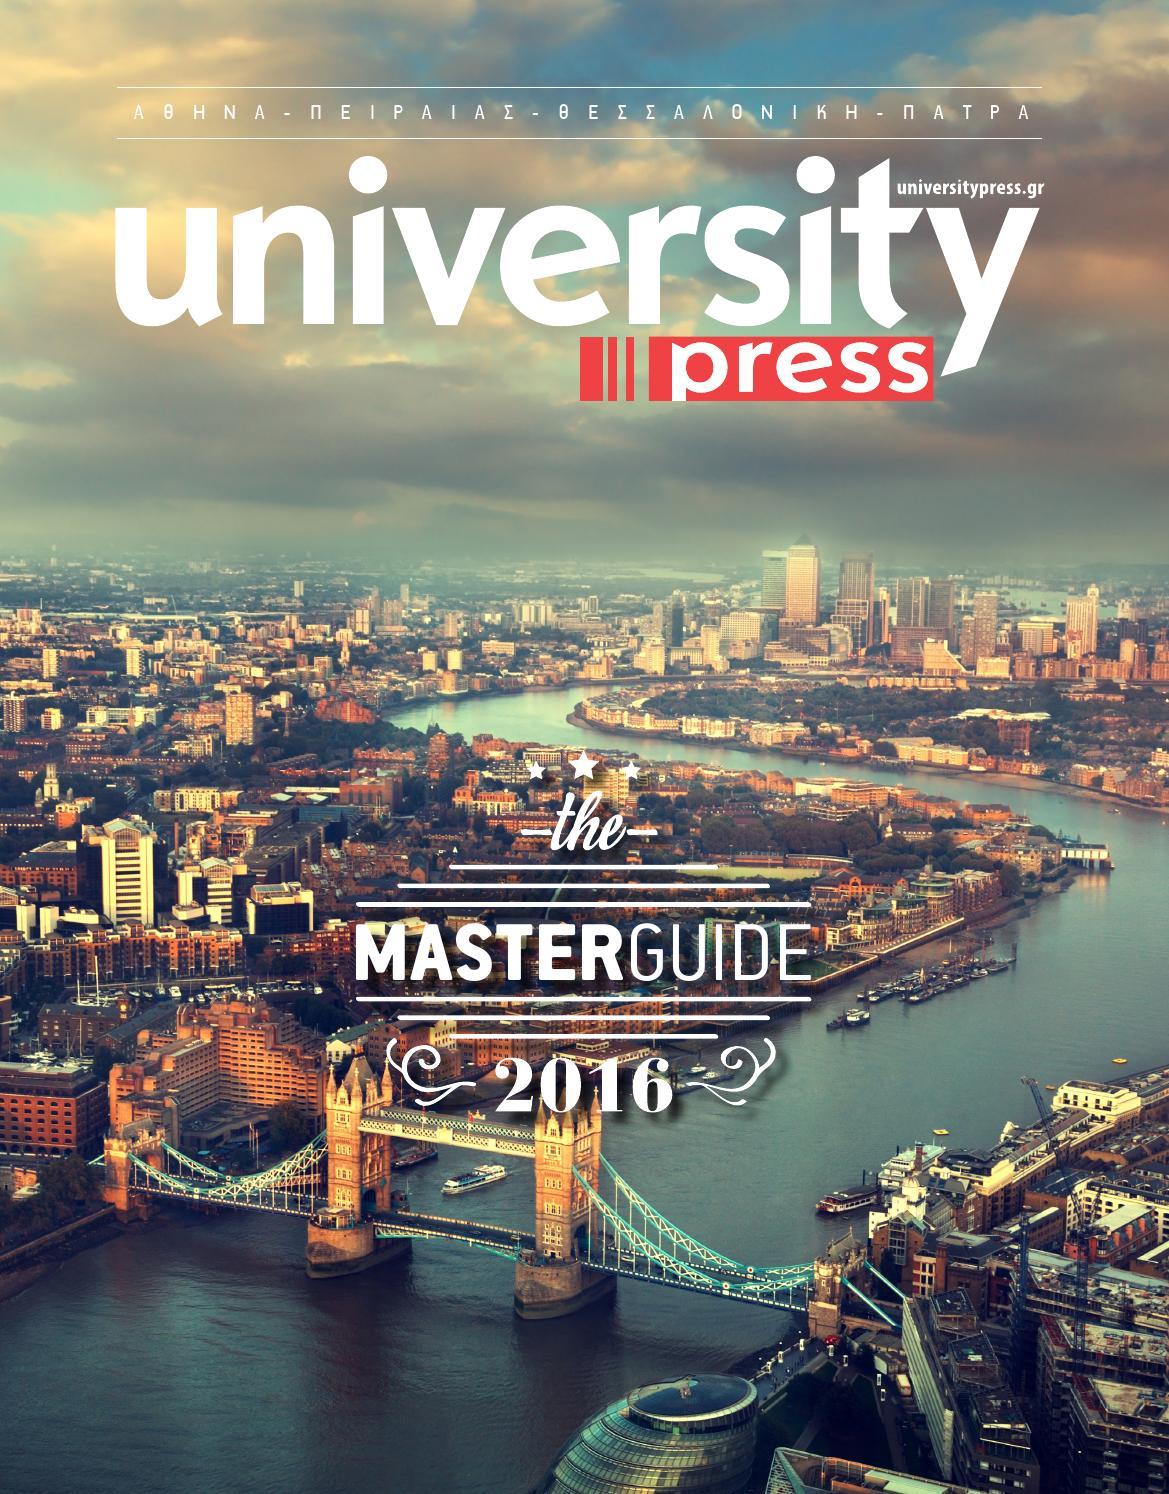 ραντεβού ιστοσελίδα Bristol UK cerpen συμπαίκτη μέρος 10